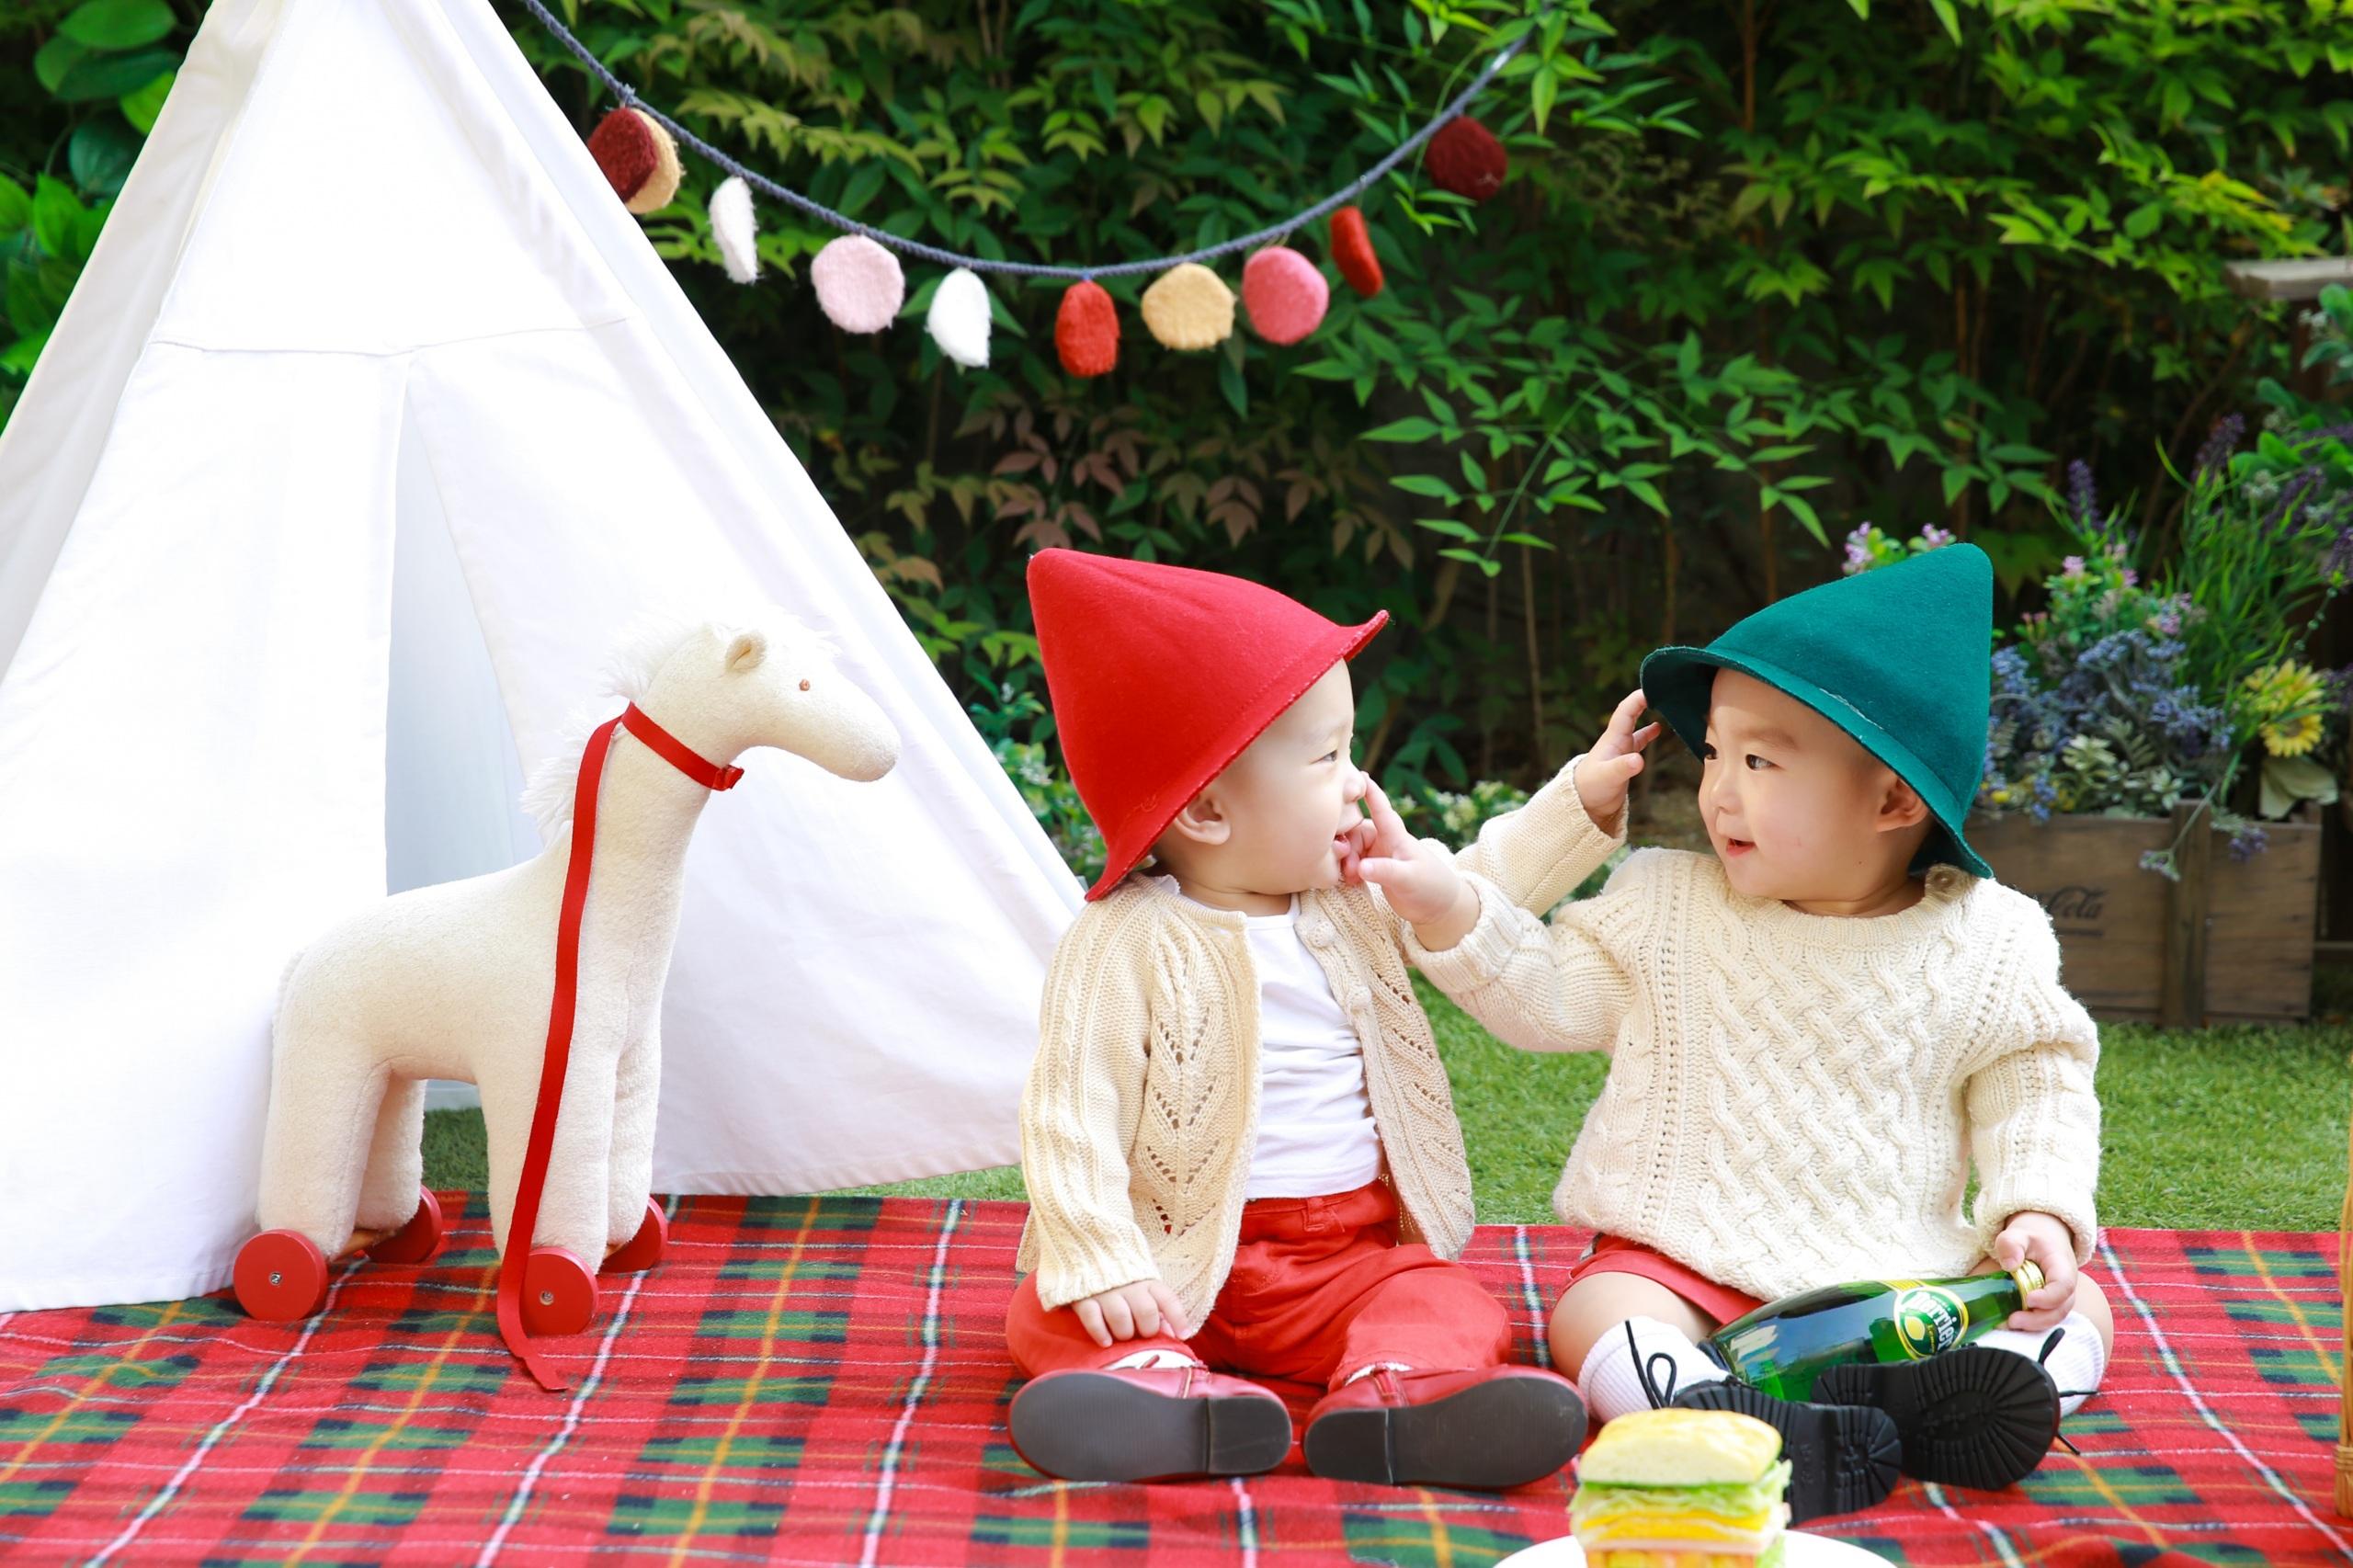 Bilder von Junge Kinder 2 Mütze Sweatshirt Asiatische Sitzend 2560x1706 Zwei